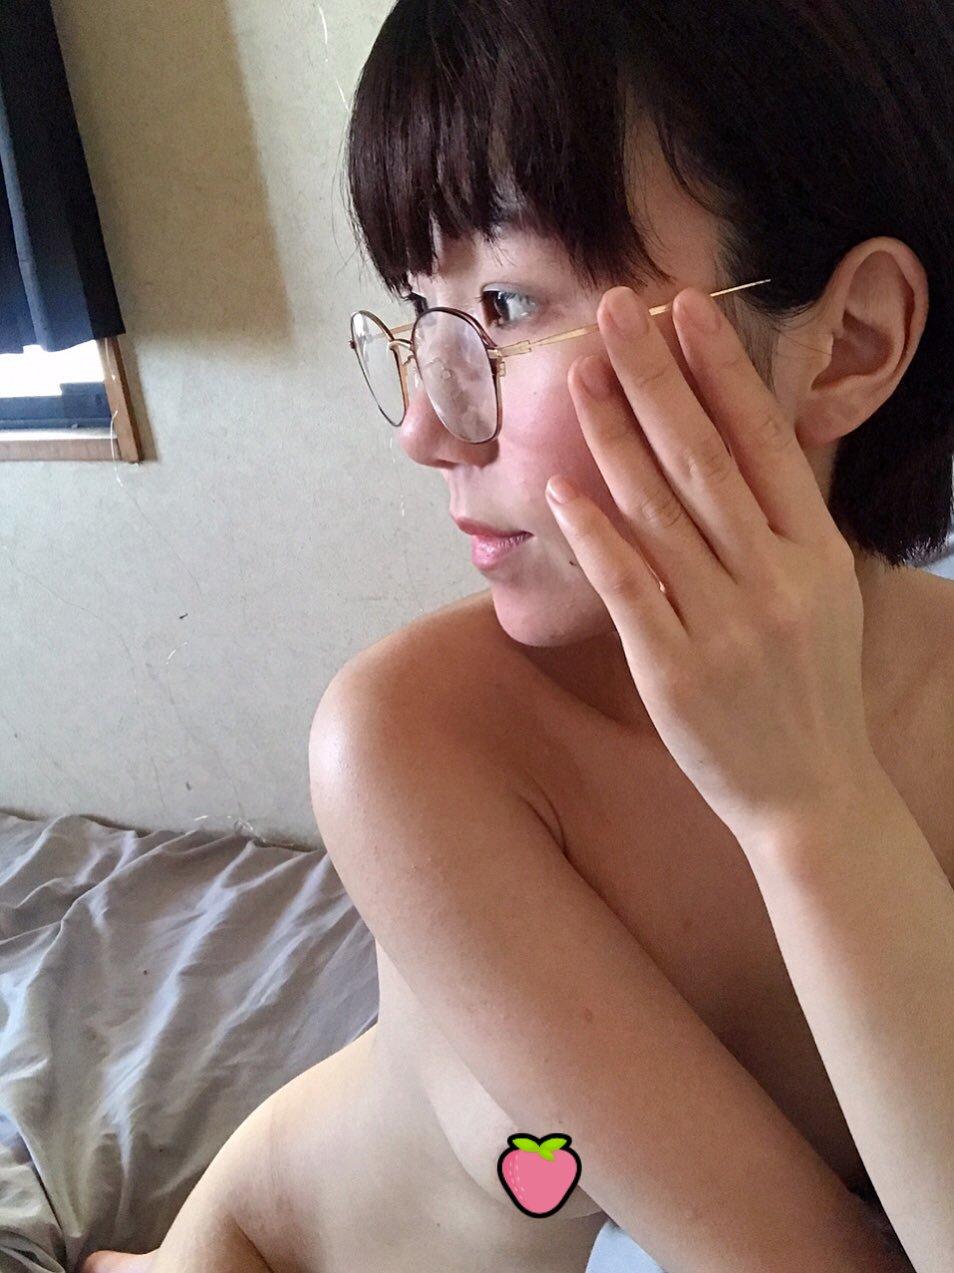 【圖 + 影】20歲樸素眼鏡妹「貧乳白虎」百張露臉自拍,原來乖乖牌都很壞!